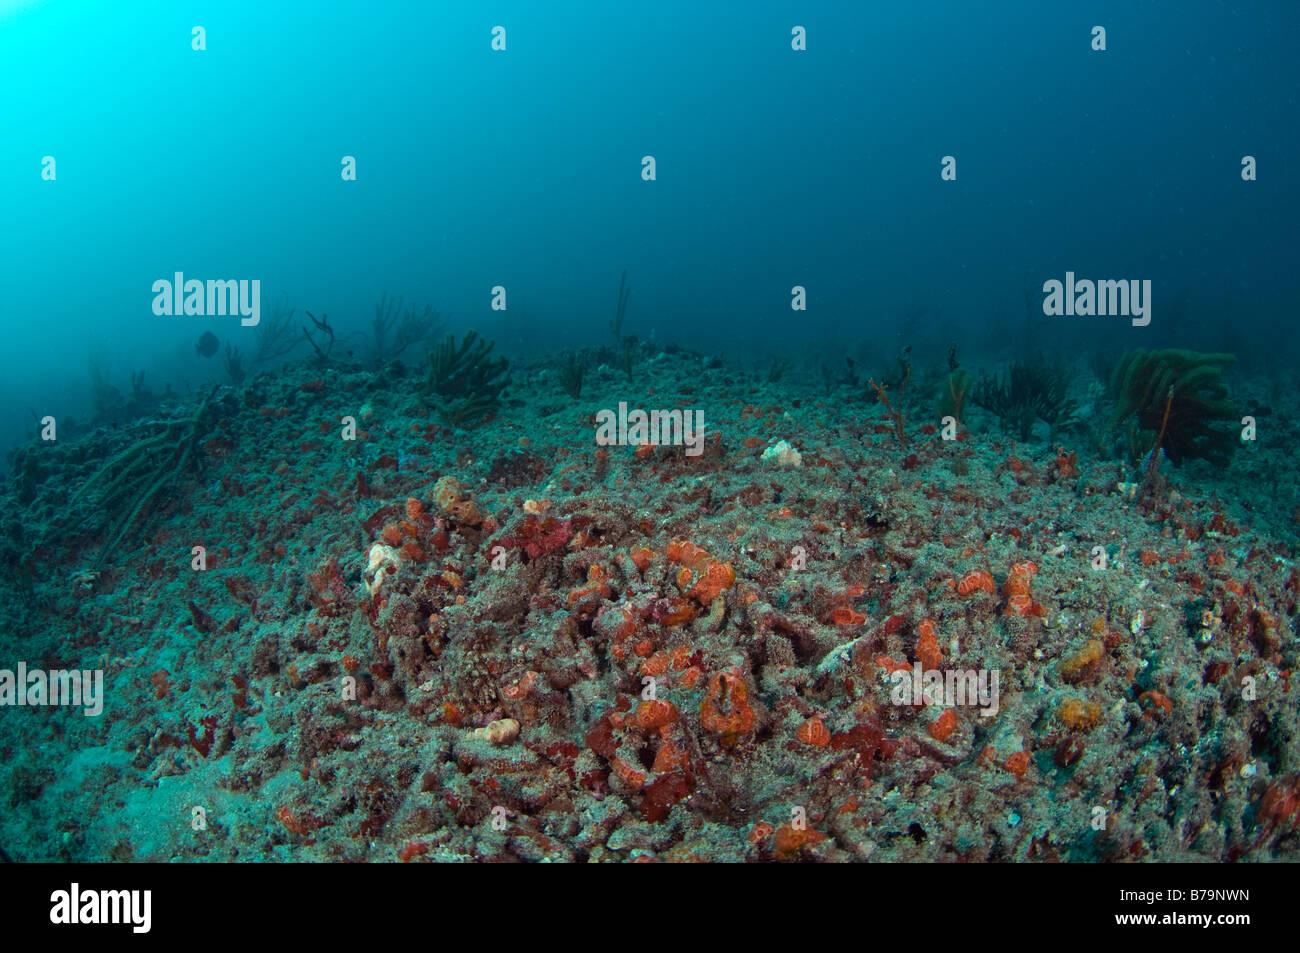 Coral Reef in Palm Beach FL erholt sich nach umfangreichen Hurrikanschäden in 2004 Stockbild